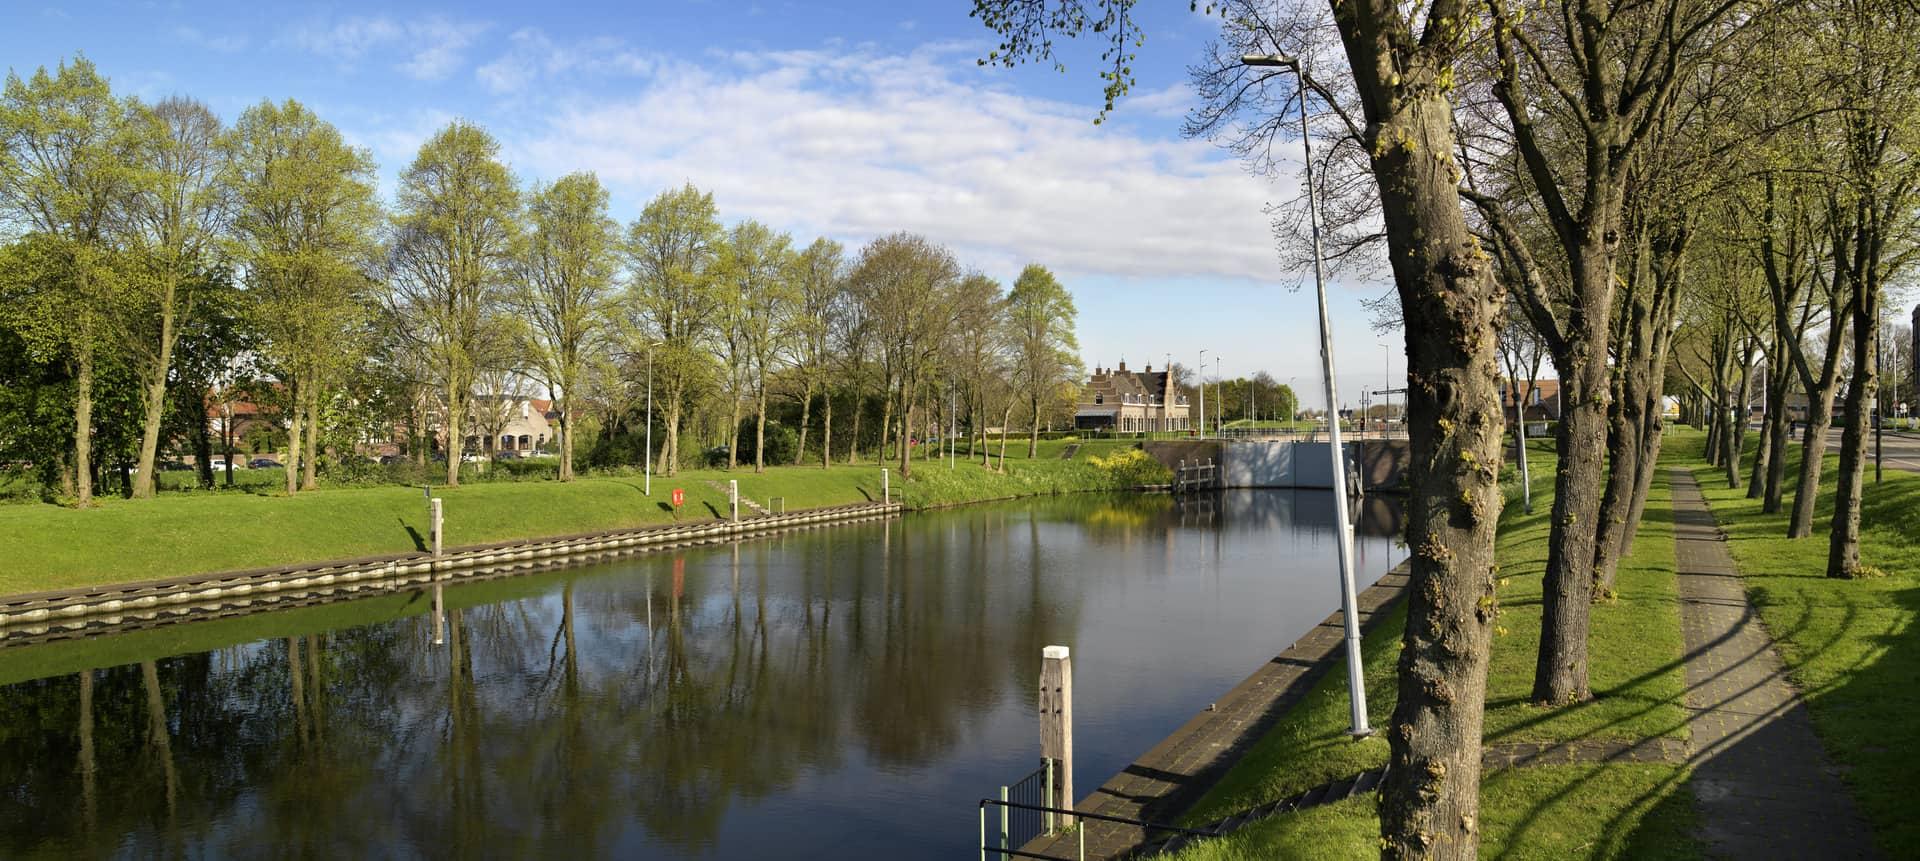 Sluiseiland een voorbeeld van integrale duurzaamheid